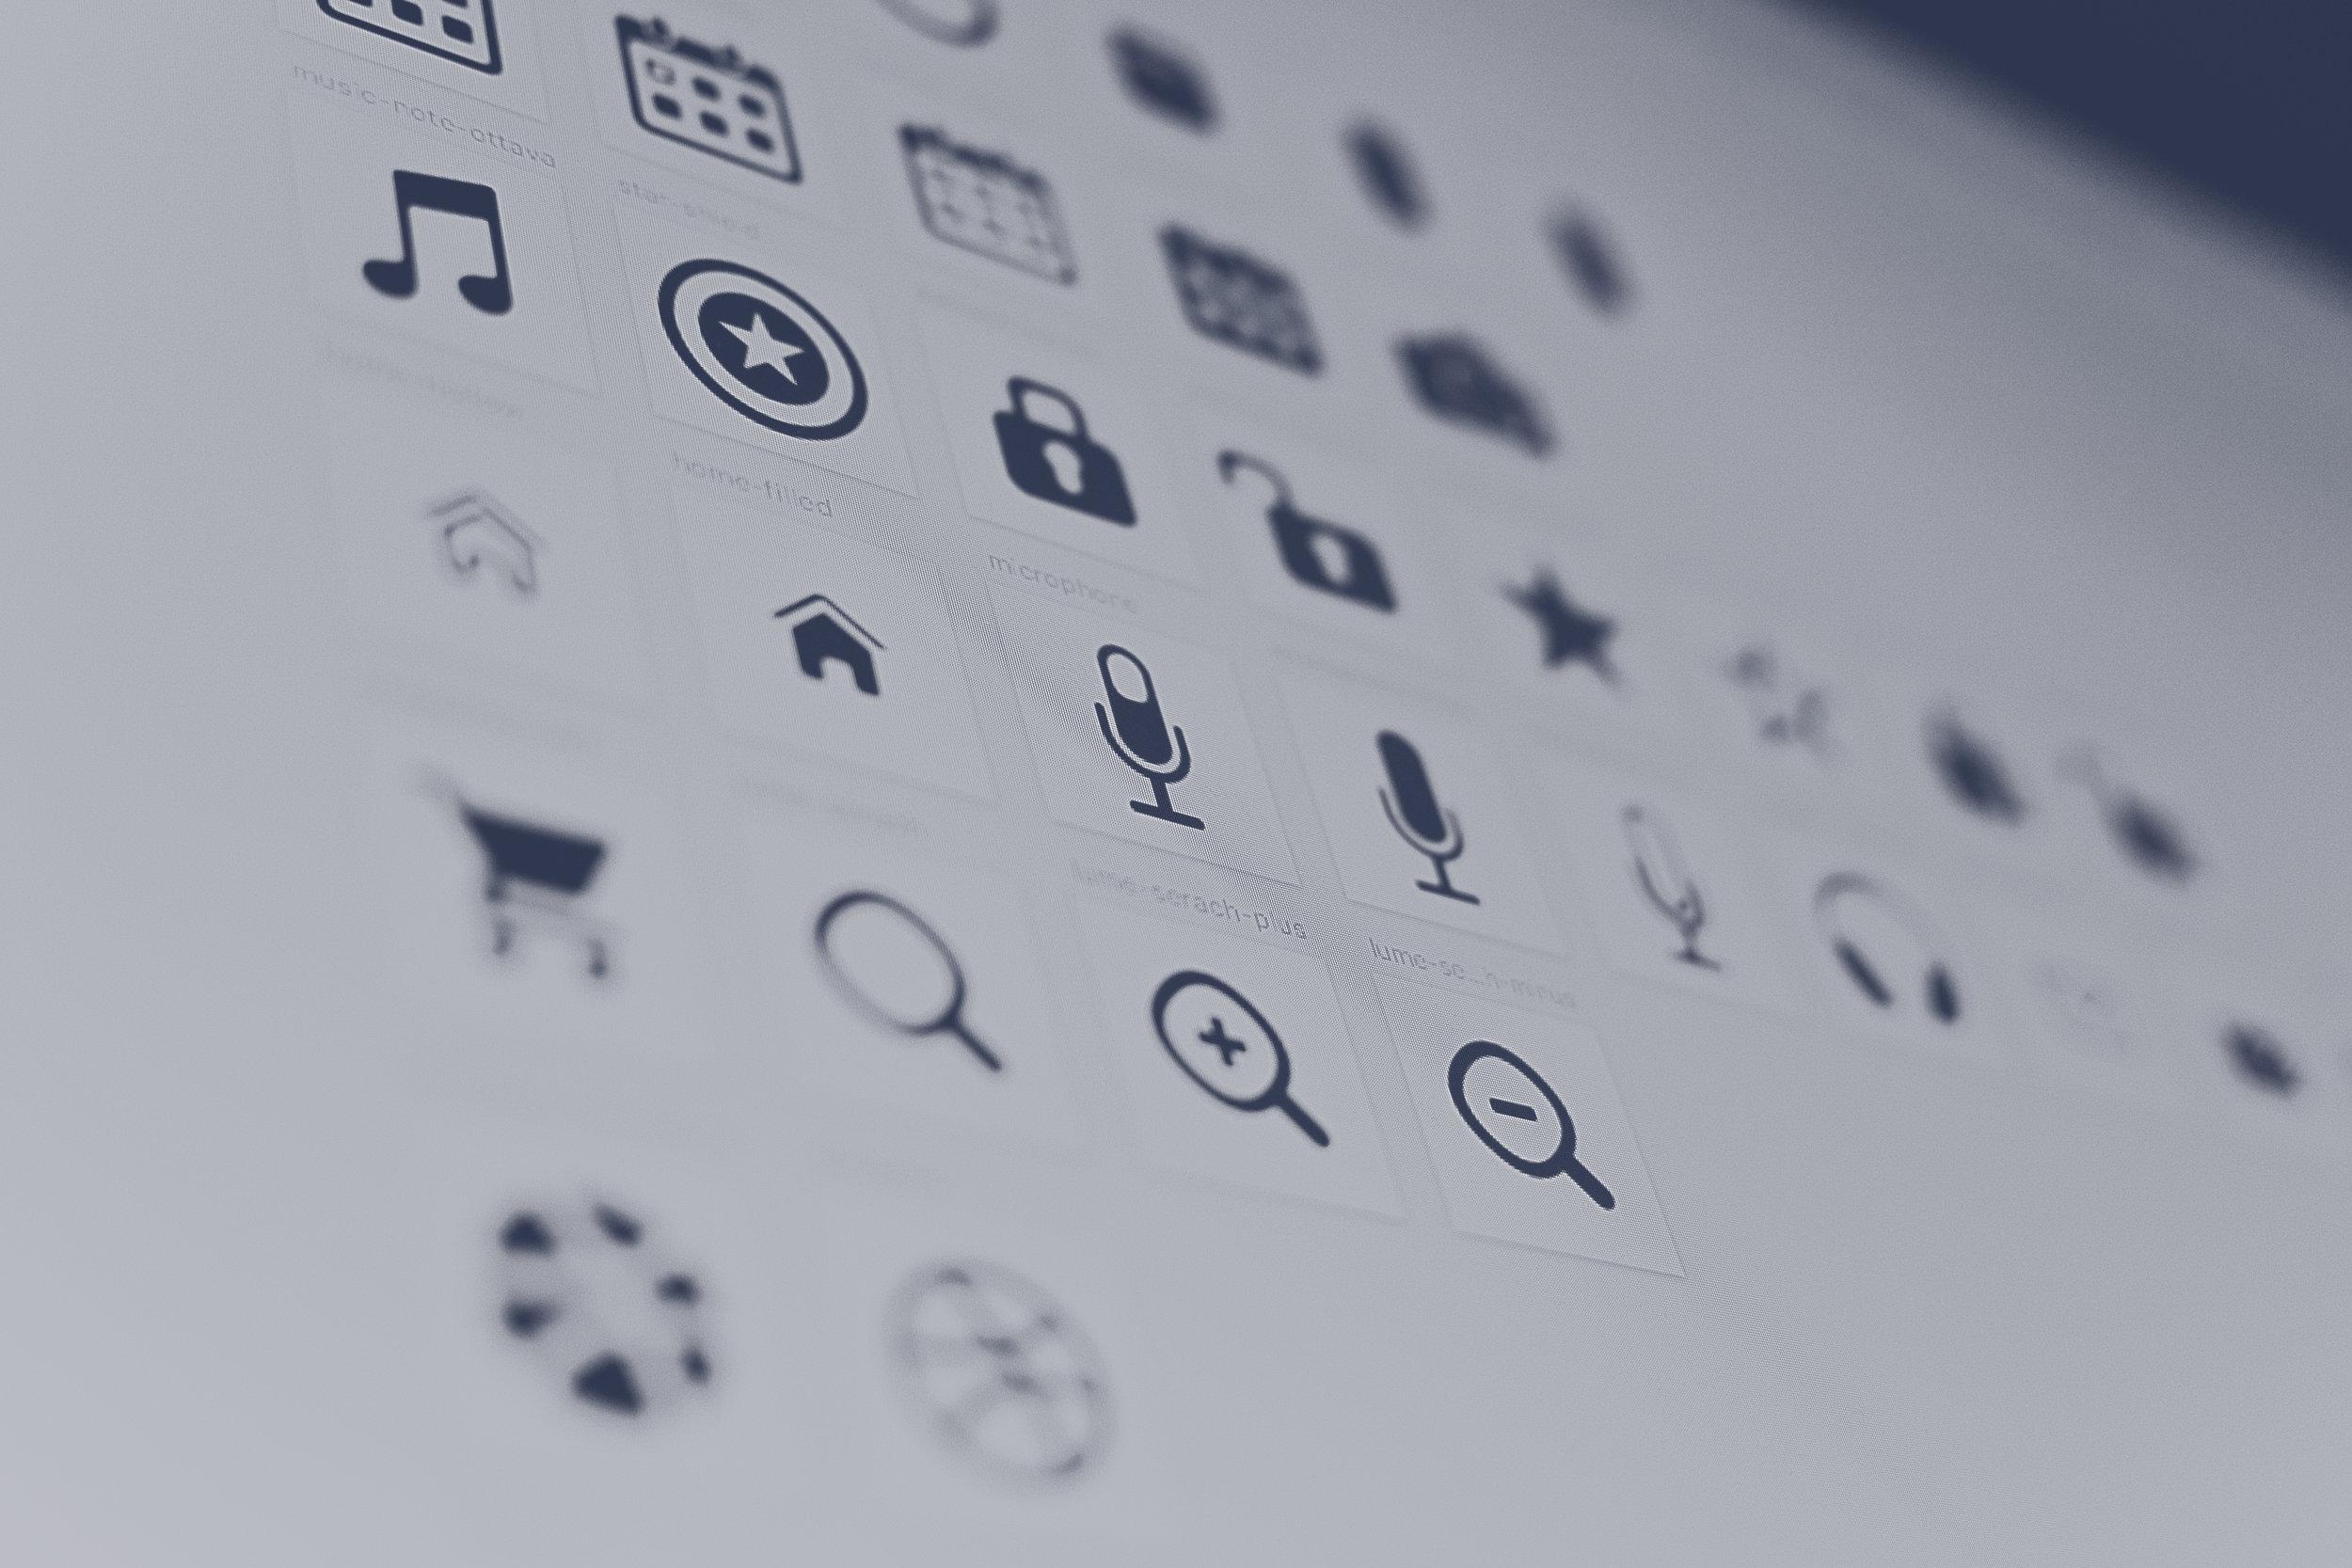 5 regels voor visuele dia's - Hiermee lijkt je presentatie door een professioneel ontwerper gemaakt.